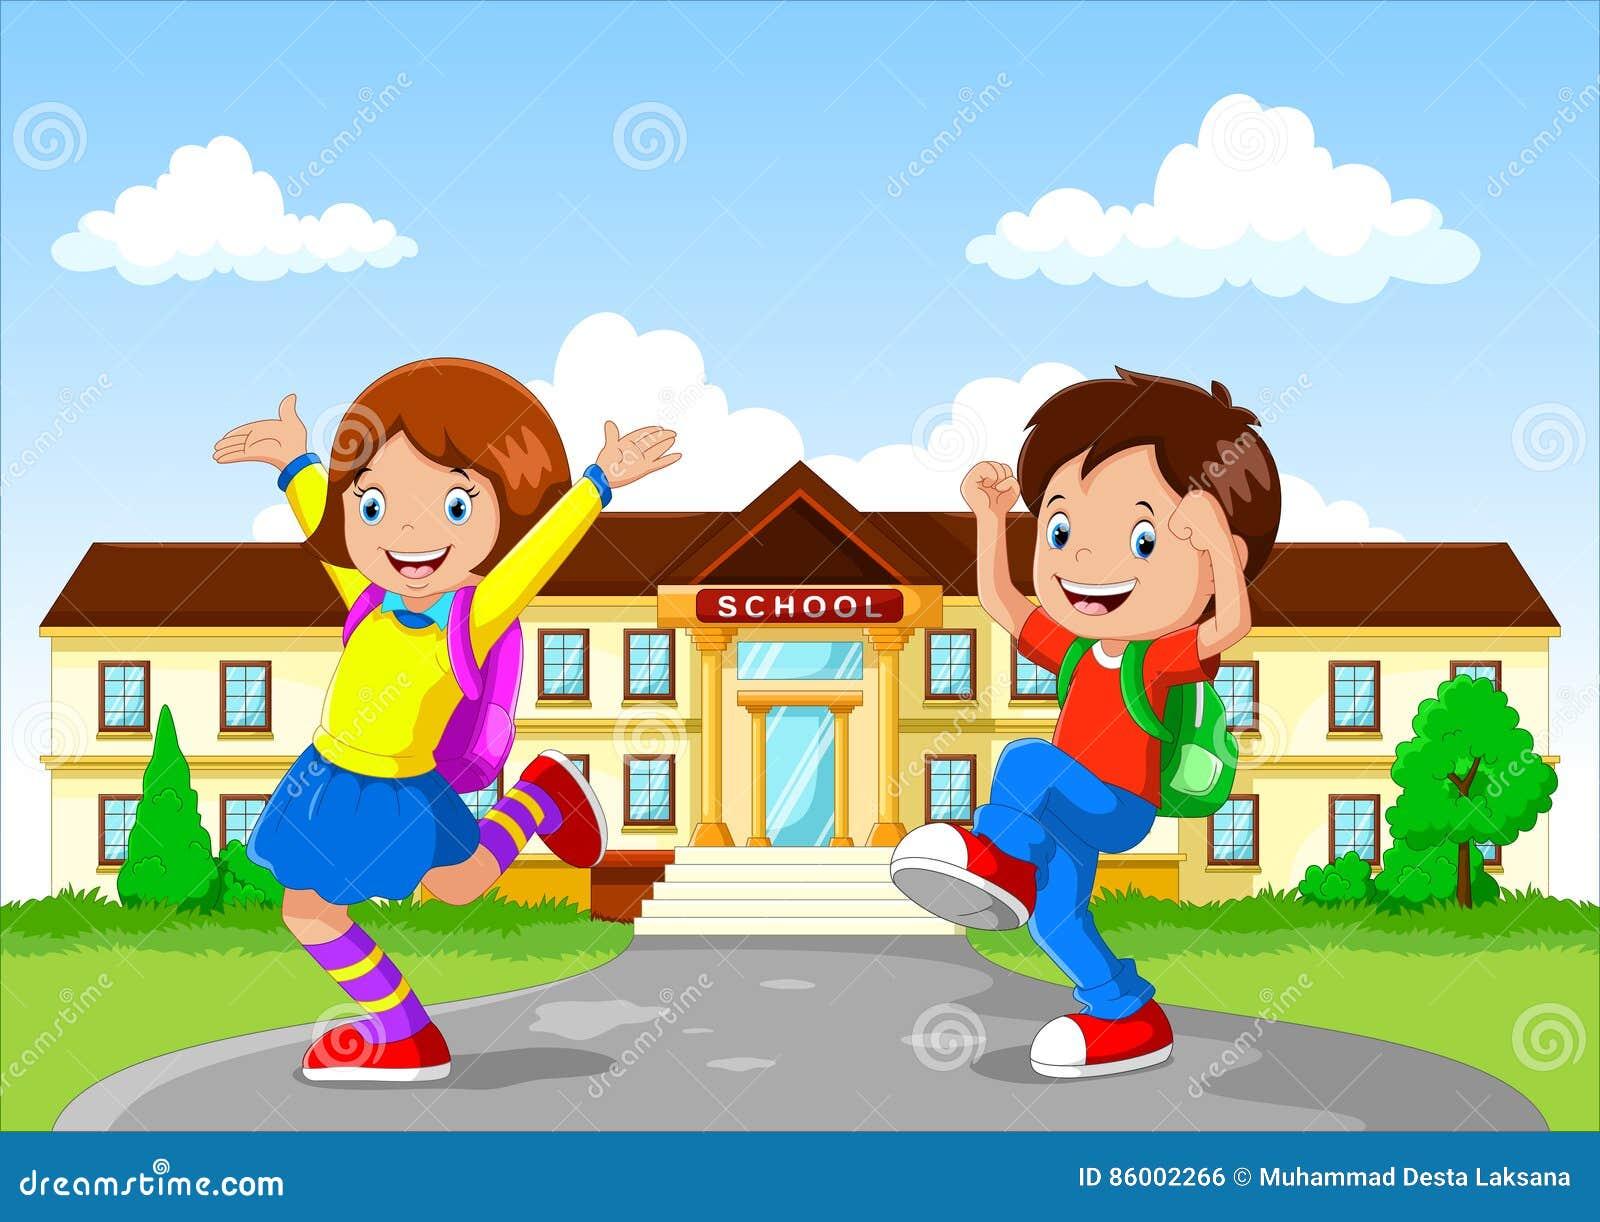 Happy School Children With Backpack On School Building ...